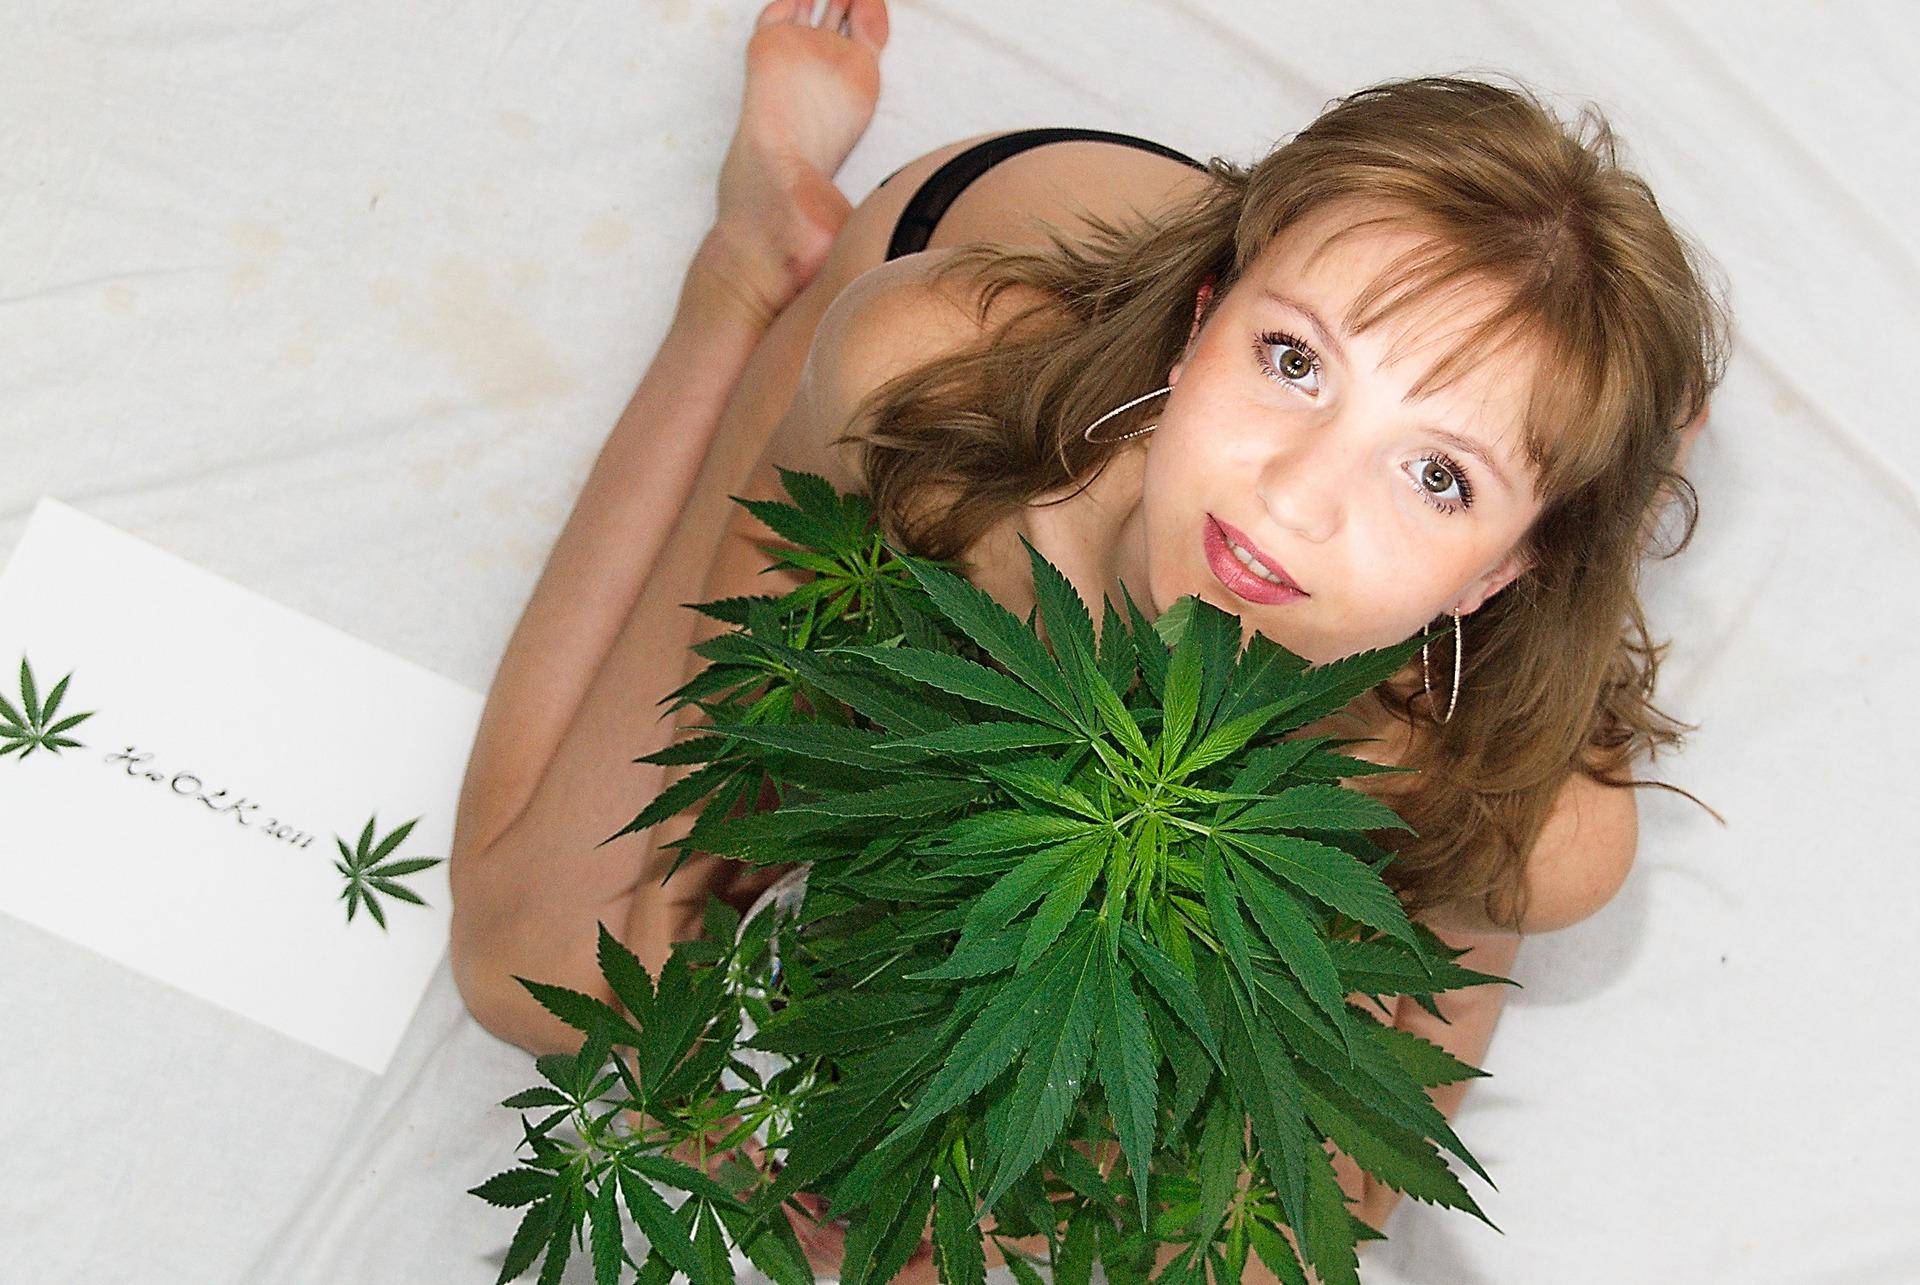 Hot marijuana naked girls, nude naked hairy arabian